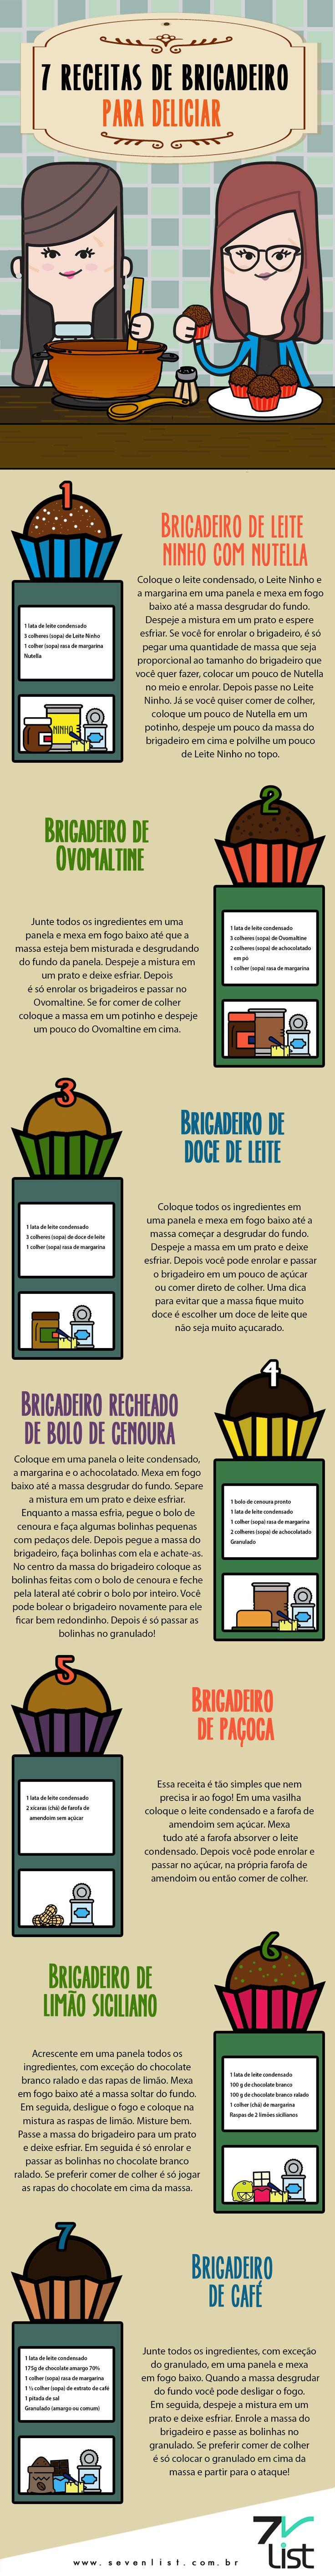 Você é fã de brigadeiro ou simplesmente adora degustar essa gostosura? Então a lista de hoje do Seven List é especial para você! Nós separamos 7 receitas de brigadeiro para deliciar. #Sevenlist #Illustration #Ilustração #Design #Desenho #List #Lista #Brigadeiro #Doces #Docebrasileiro #Candy #Receitas #Ovomaltine #Doce #Leiteninho #Nutella #Brigadeiro #Bolodecenoura #Paçoca #Limãosiciliano #Café